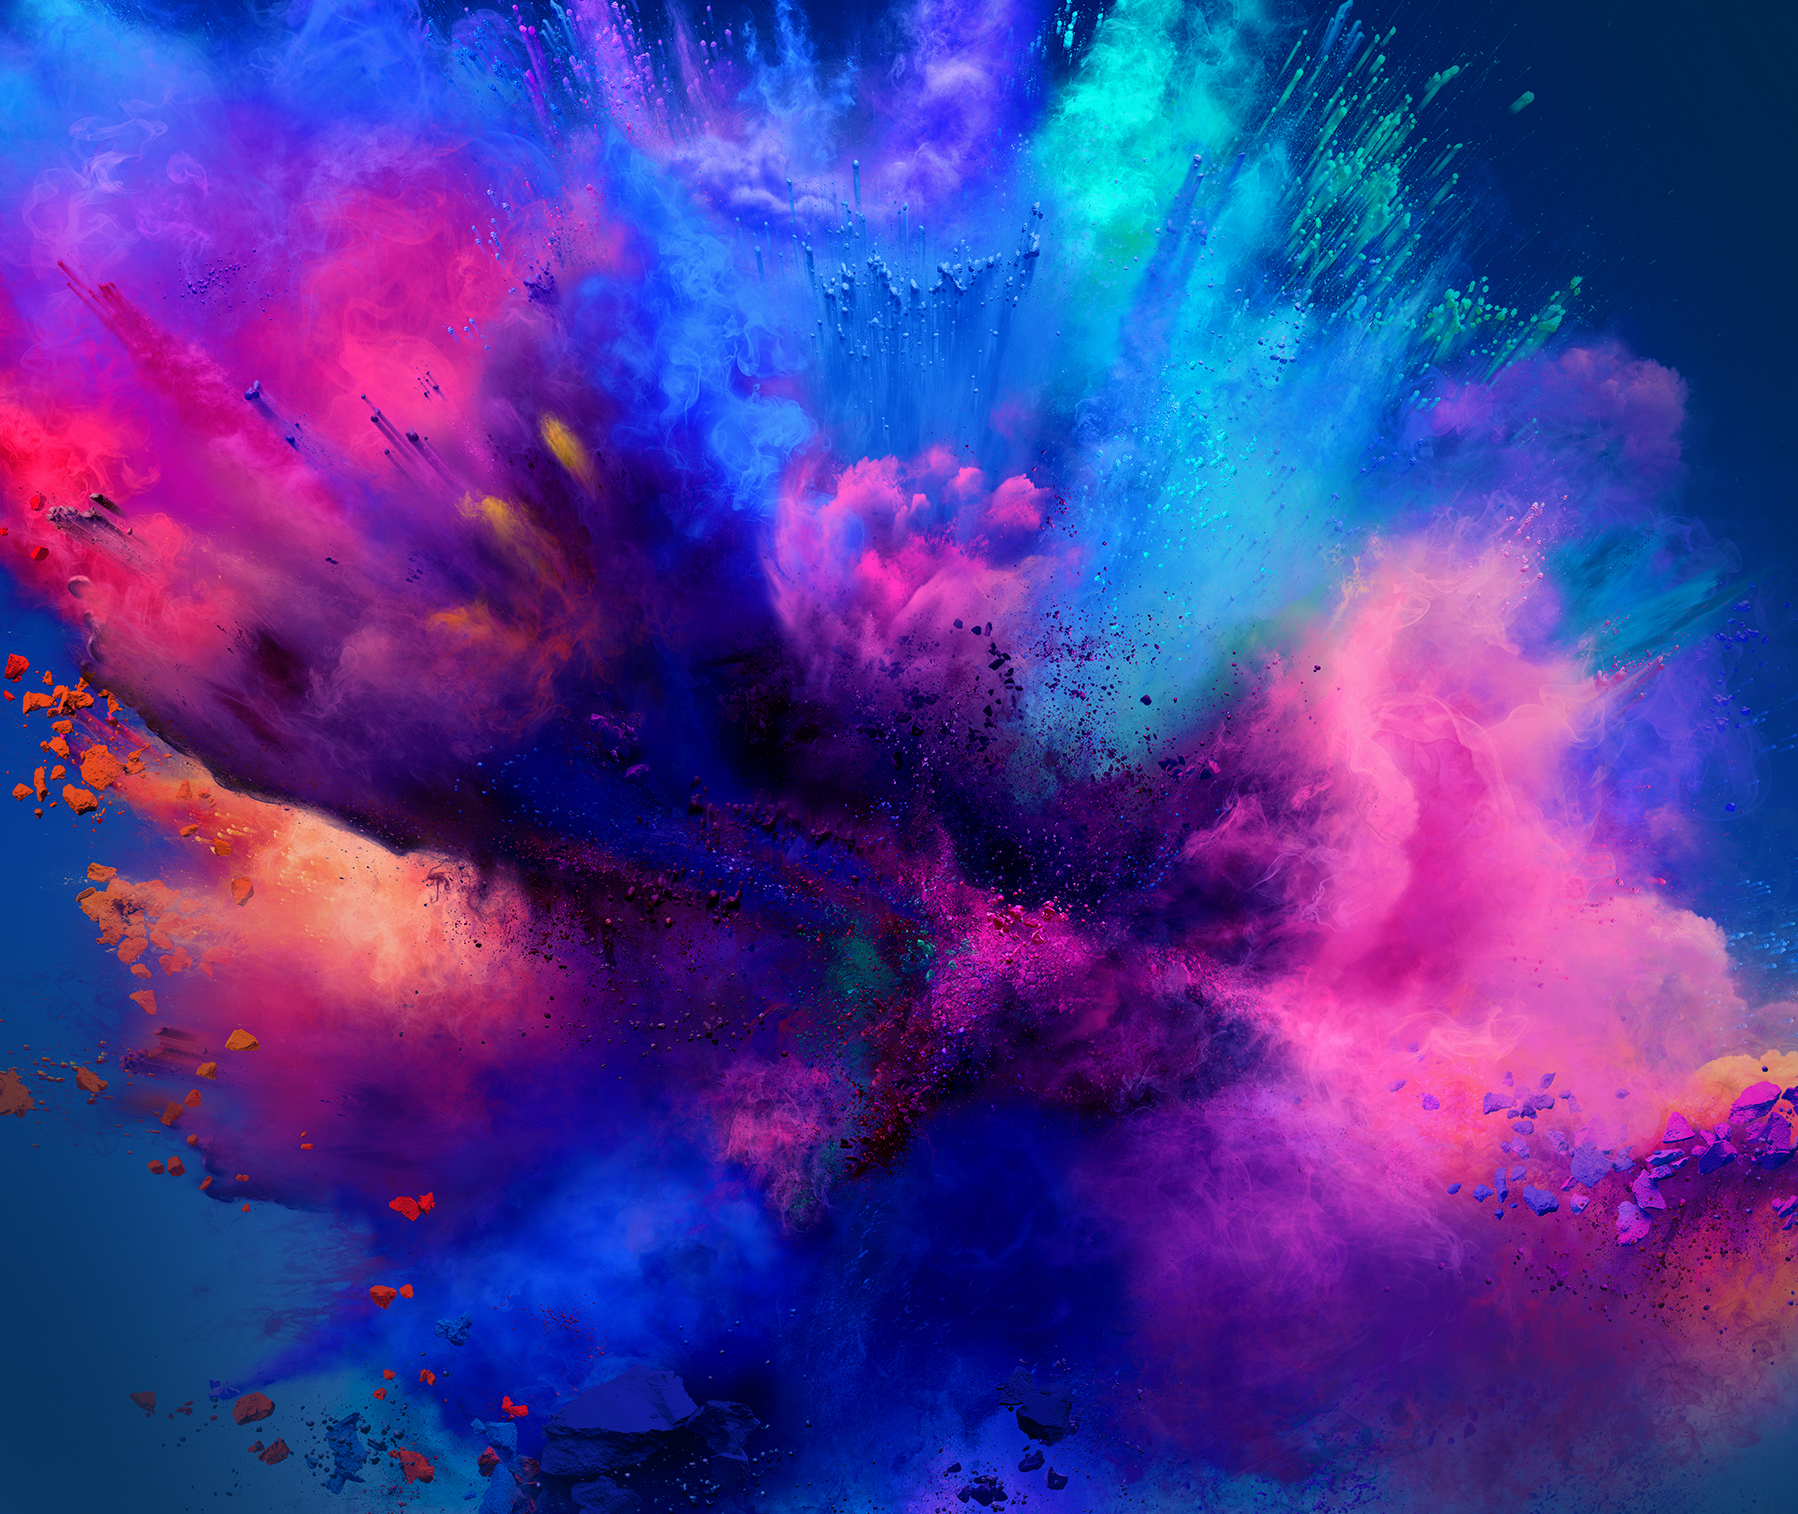 Splash of colour clouds